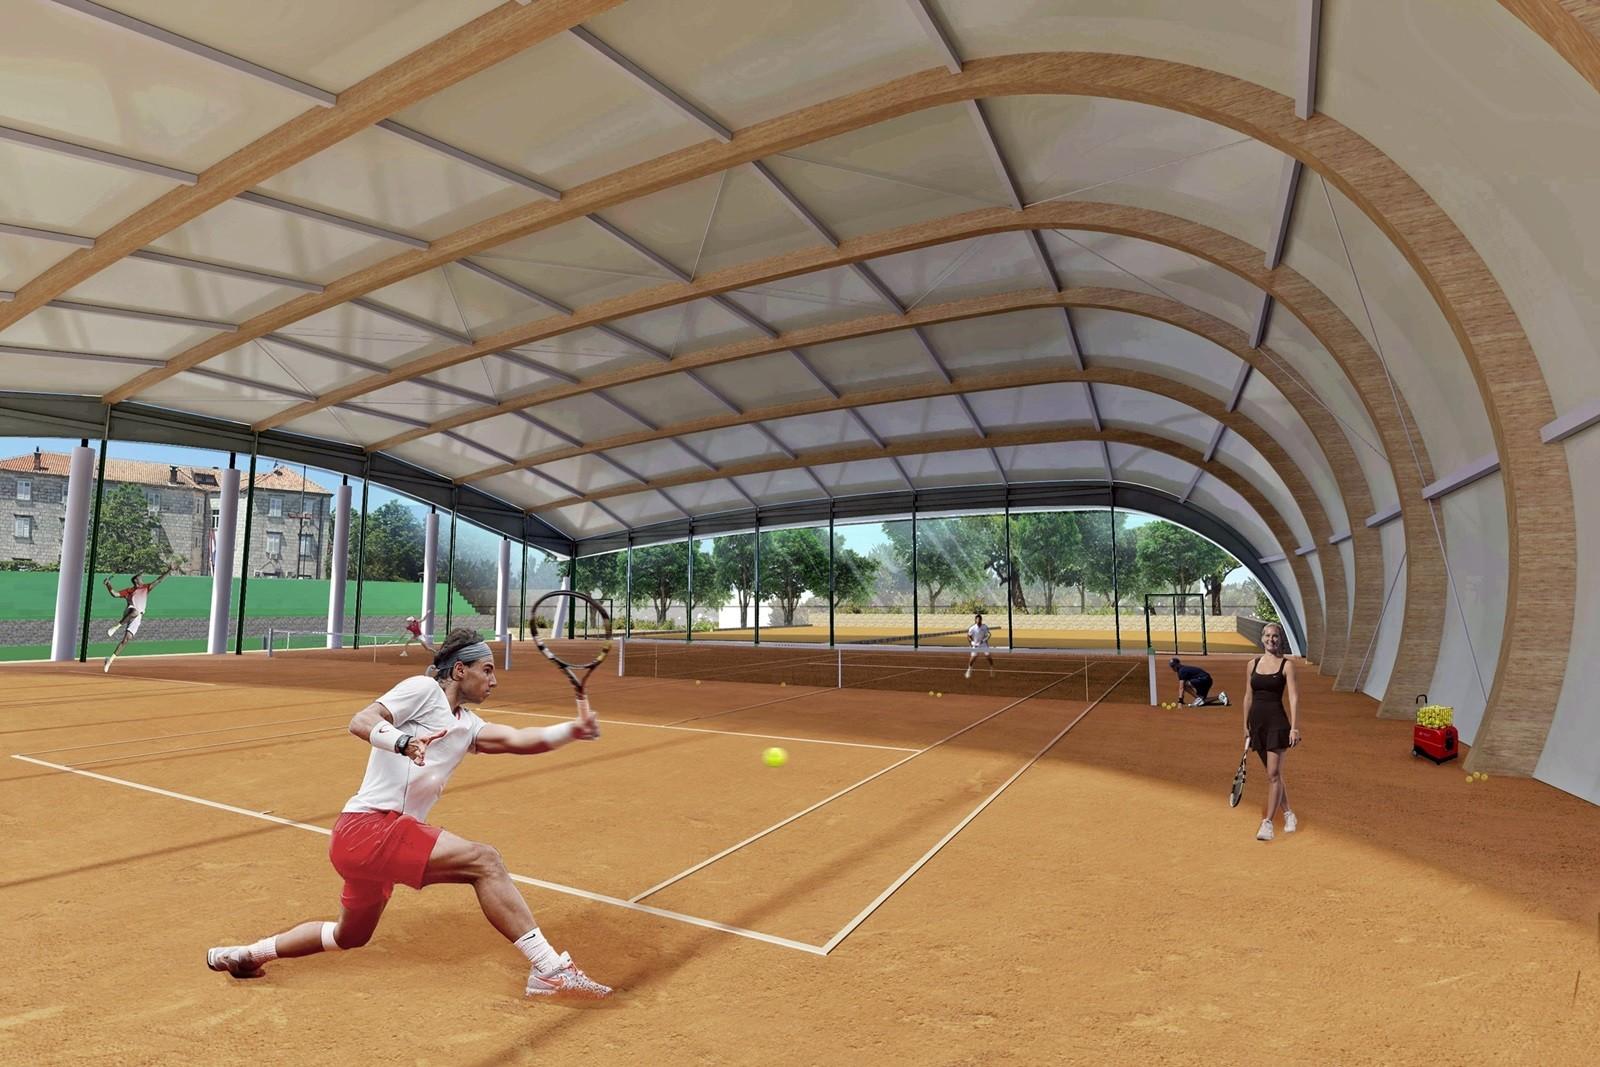 Pokrenuta javna nabava za izgradnju tenis dvorane u Lapadu